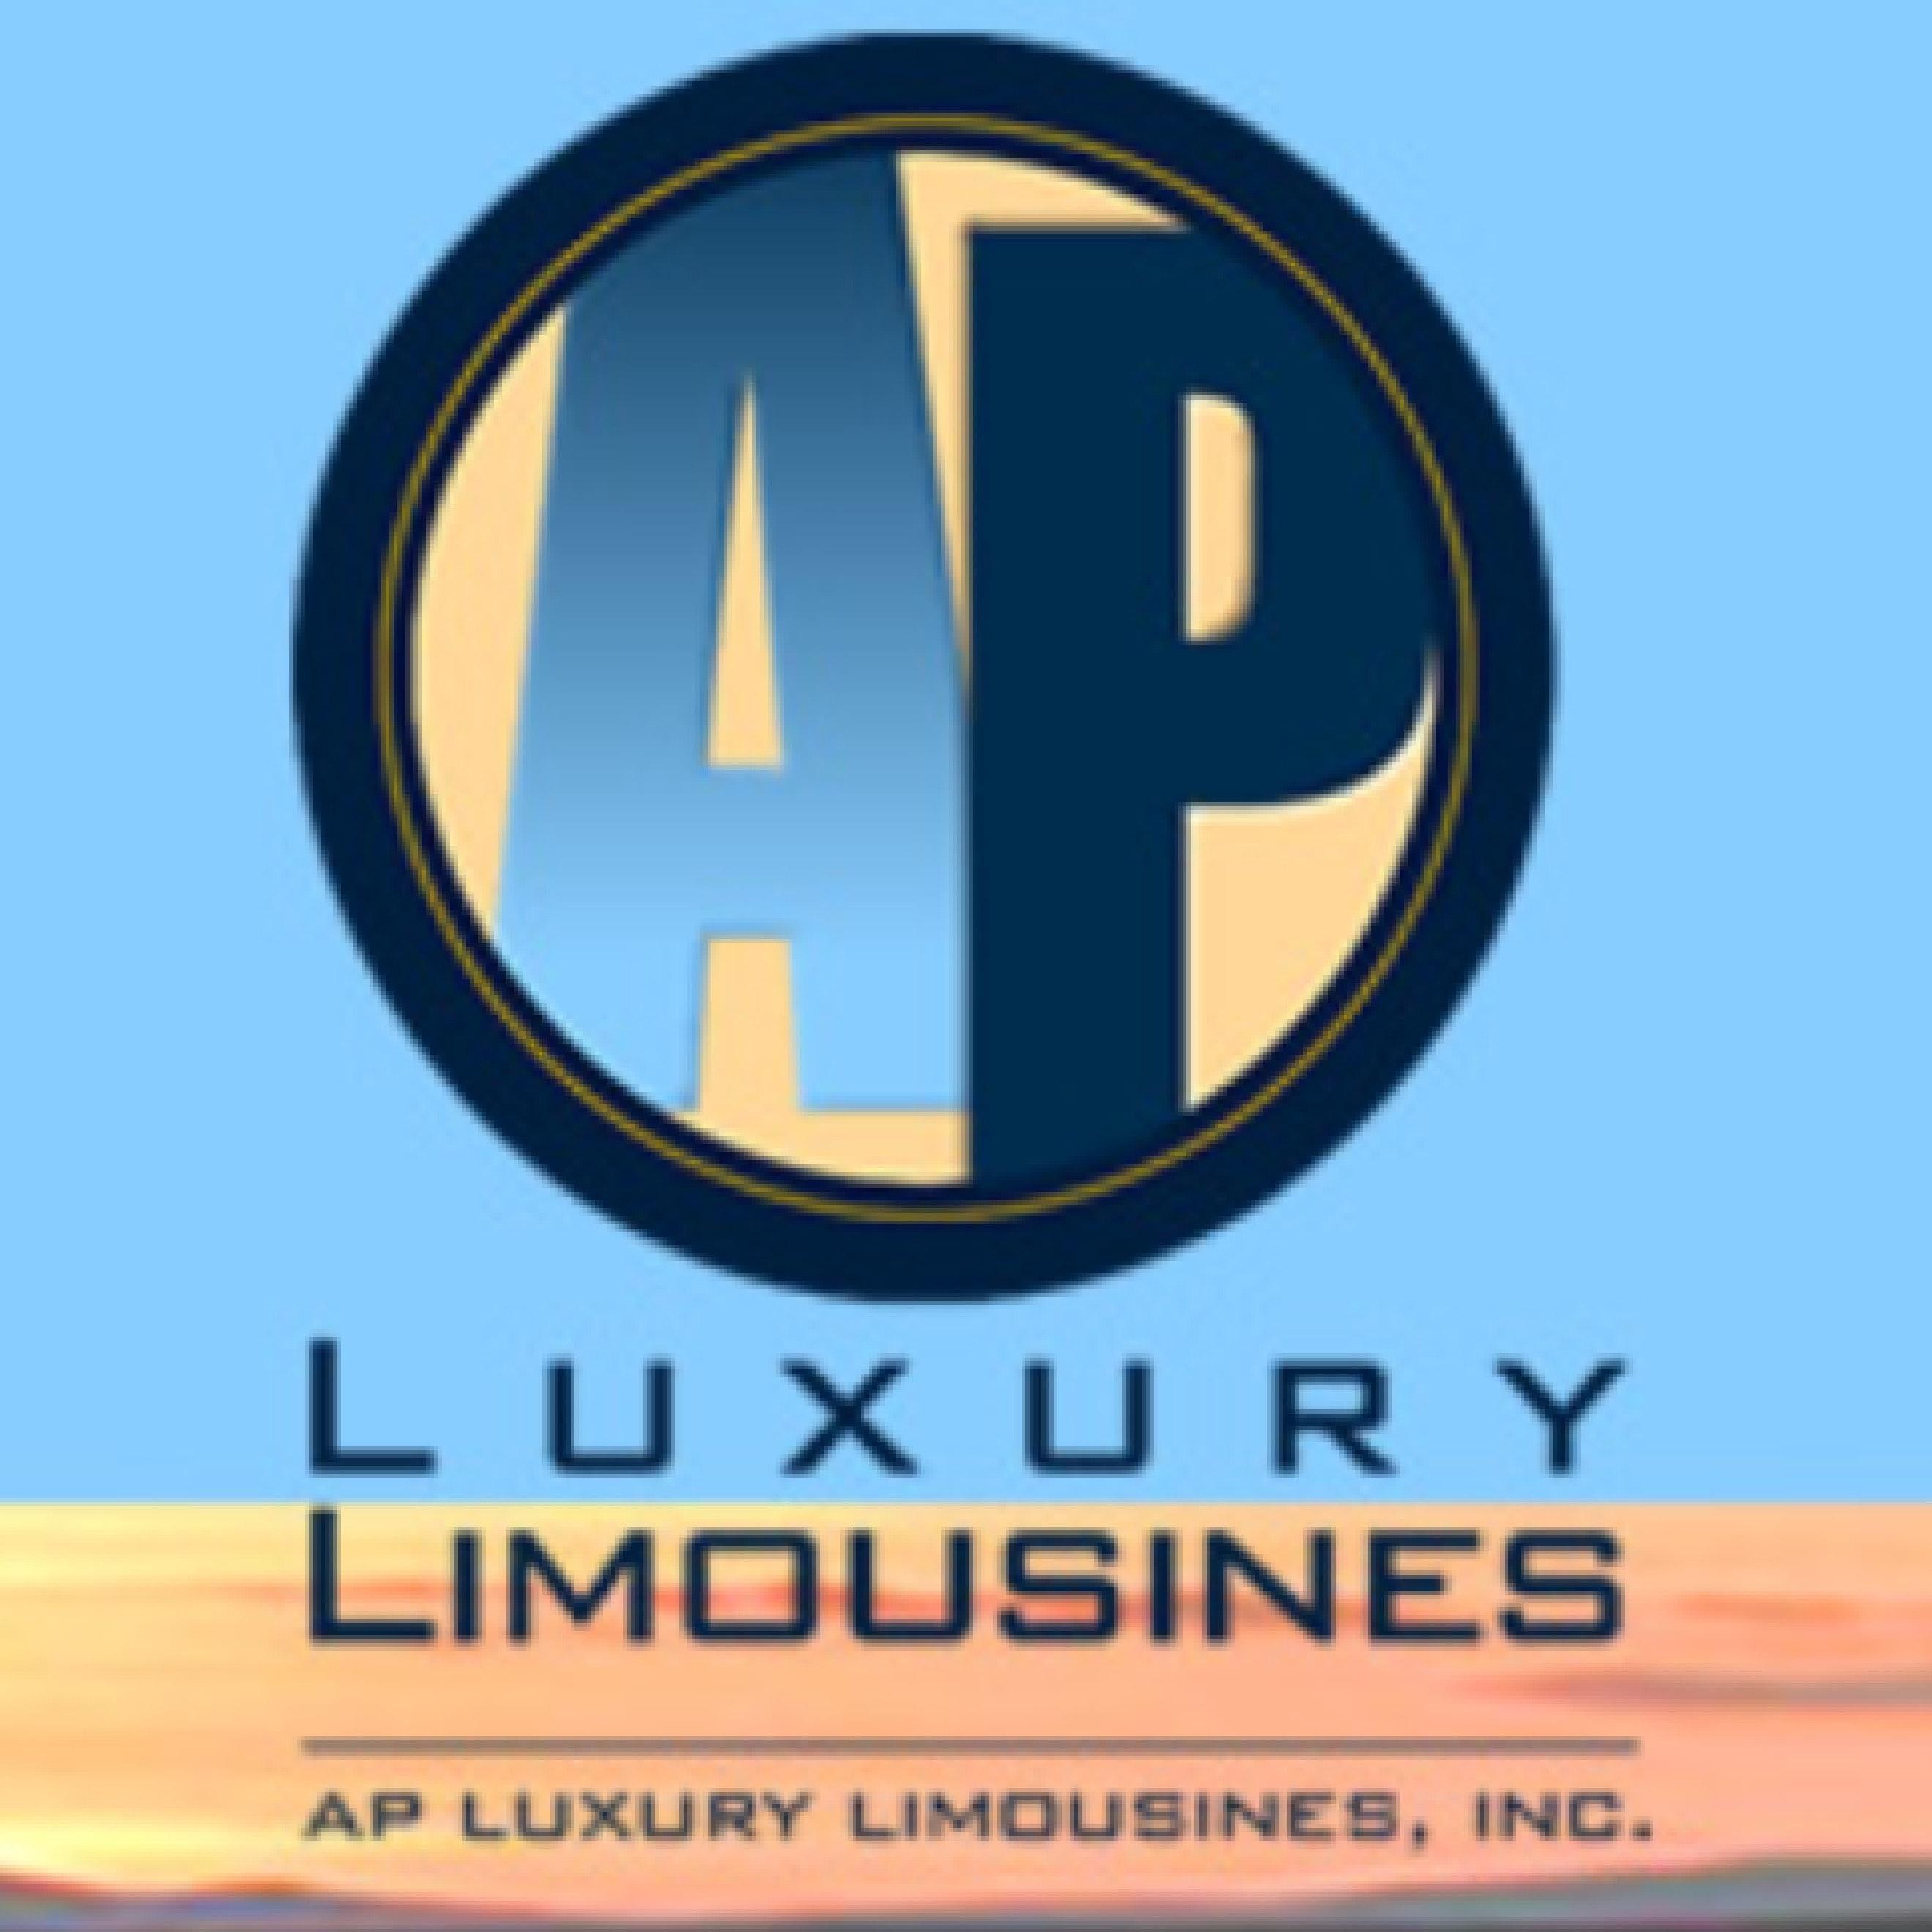 AP Luxury Limousines